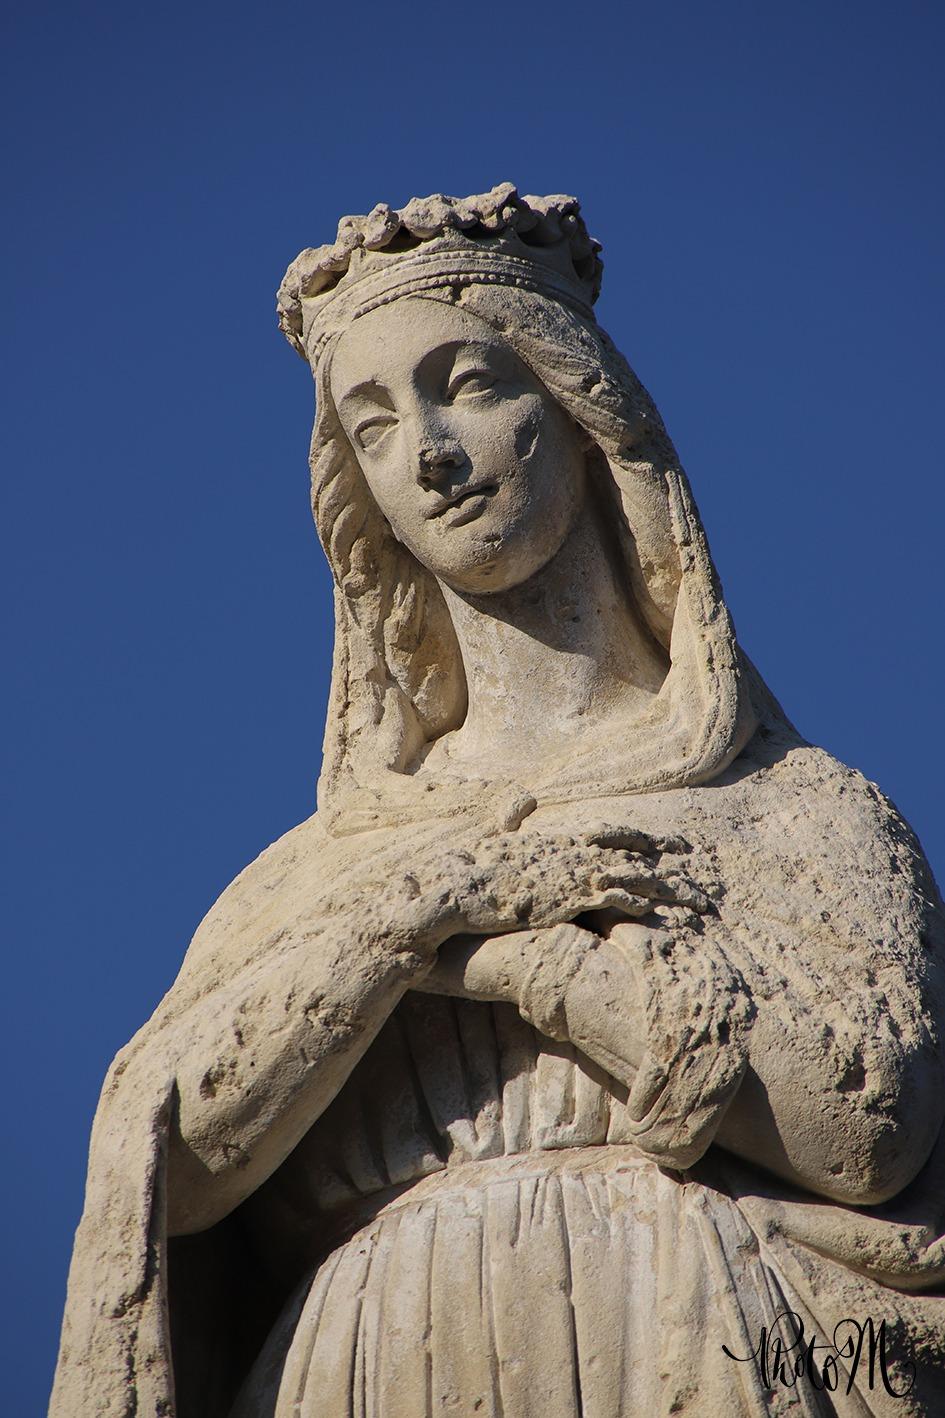 Photographe de Portrait. Département de l'Ain, à St Jean le Vieux proche d'Ambérieu-en-Bugey, Bourg-en-Bresse, Lagnieu, Pont d'Ain.